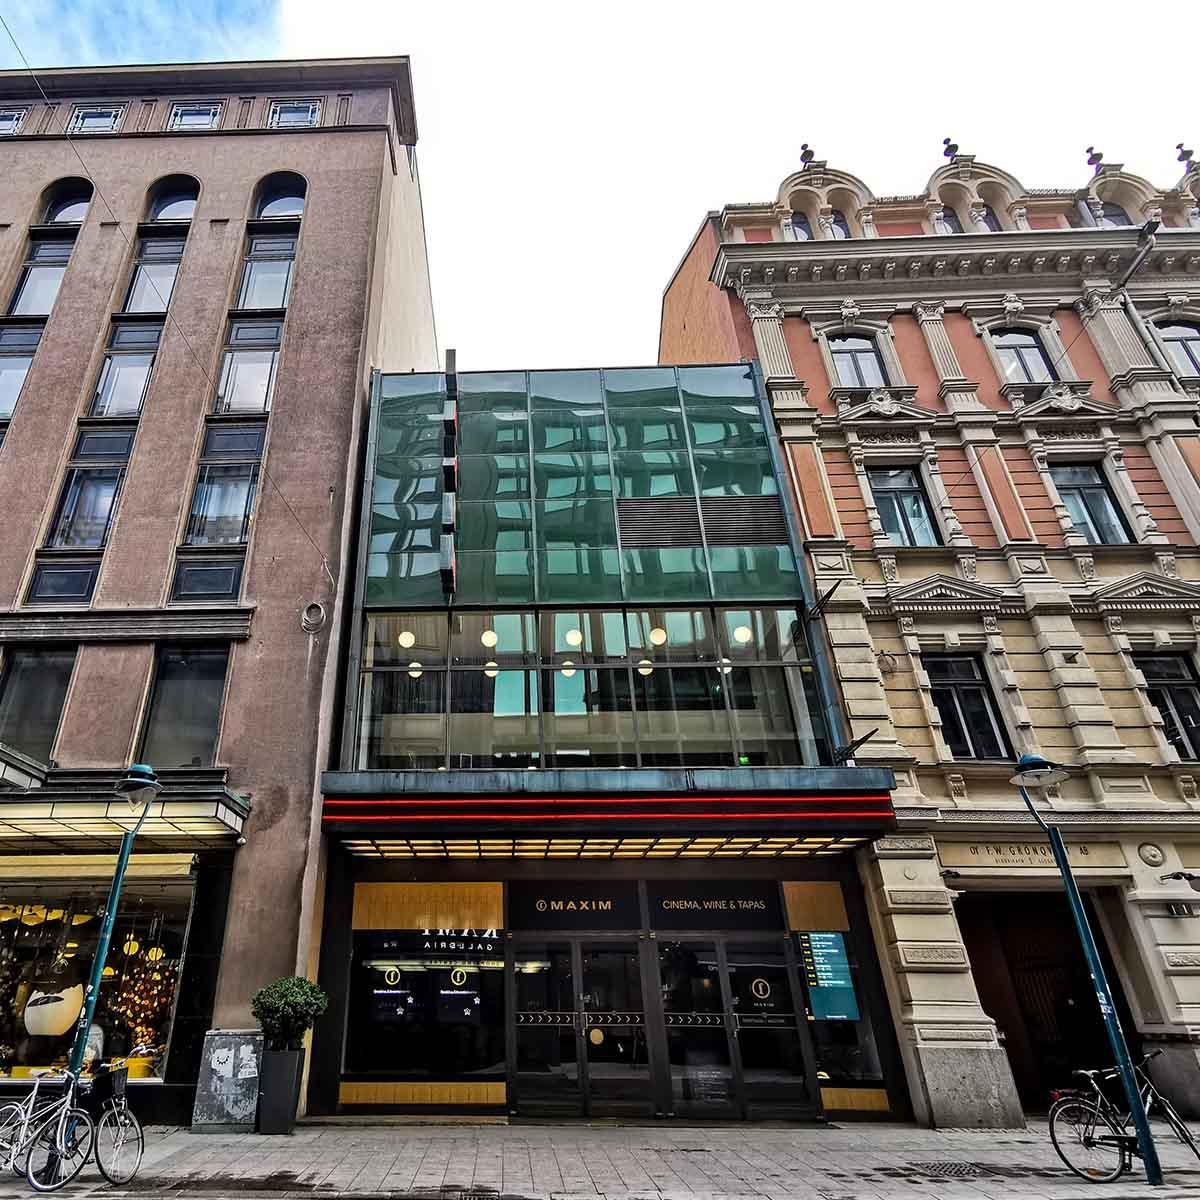 Suomen vanhin elokuvateatteri Maxim saneerattiin vuonna 2017. Korjaustöiden rakennesuunnittelusta vastasi Raksystems.